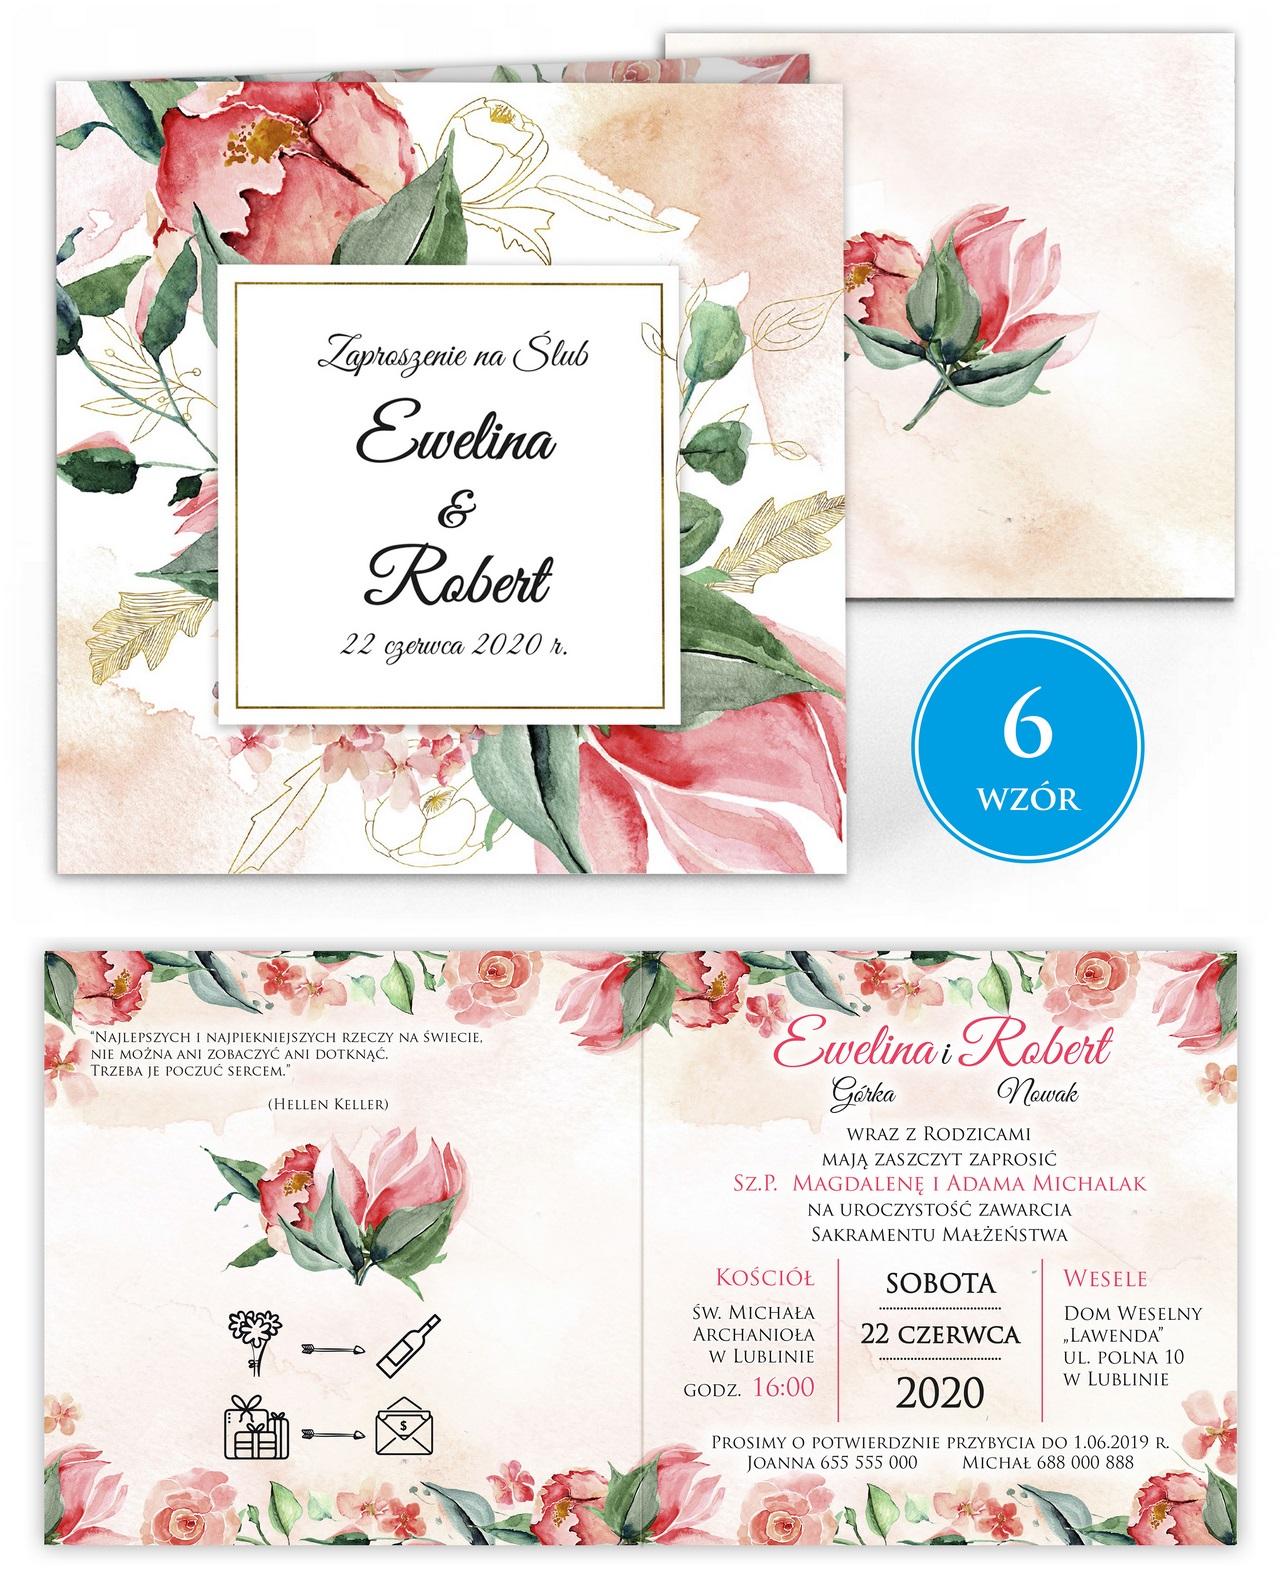 zaproszenia-ślubne-kwiatowe-ramki-boho-rustykalne-Tacjana-wiz6